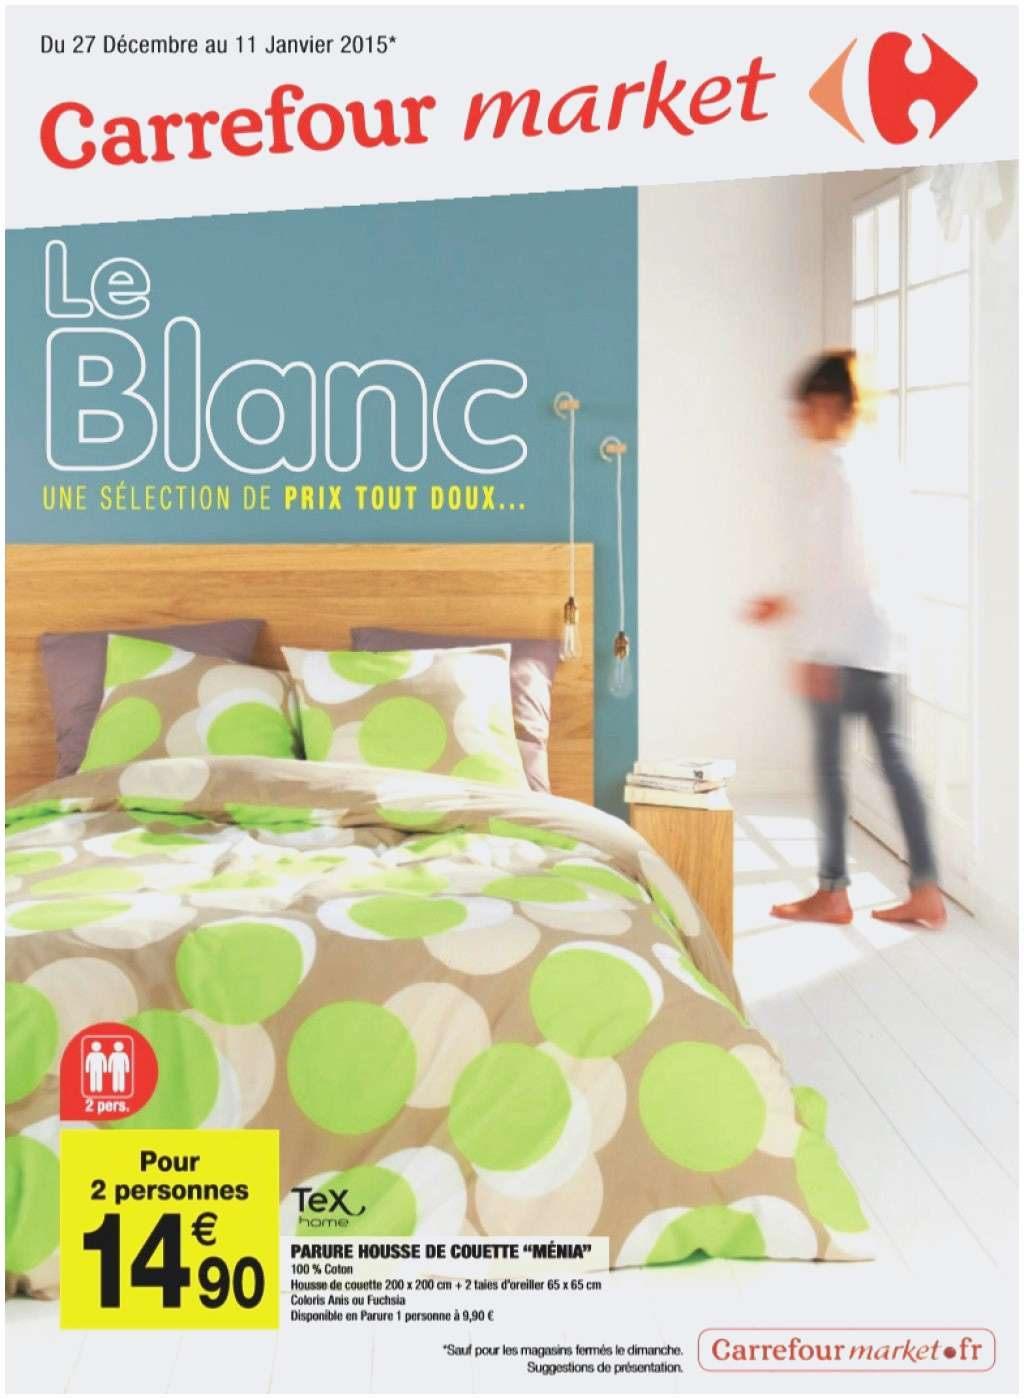 Linge De Lit En Flanelle Inspirant Nouveau Drap Flanelle Carrefour Inspirant Carrefour Parure De Lit